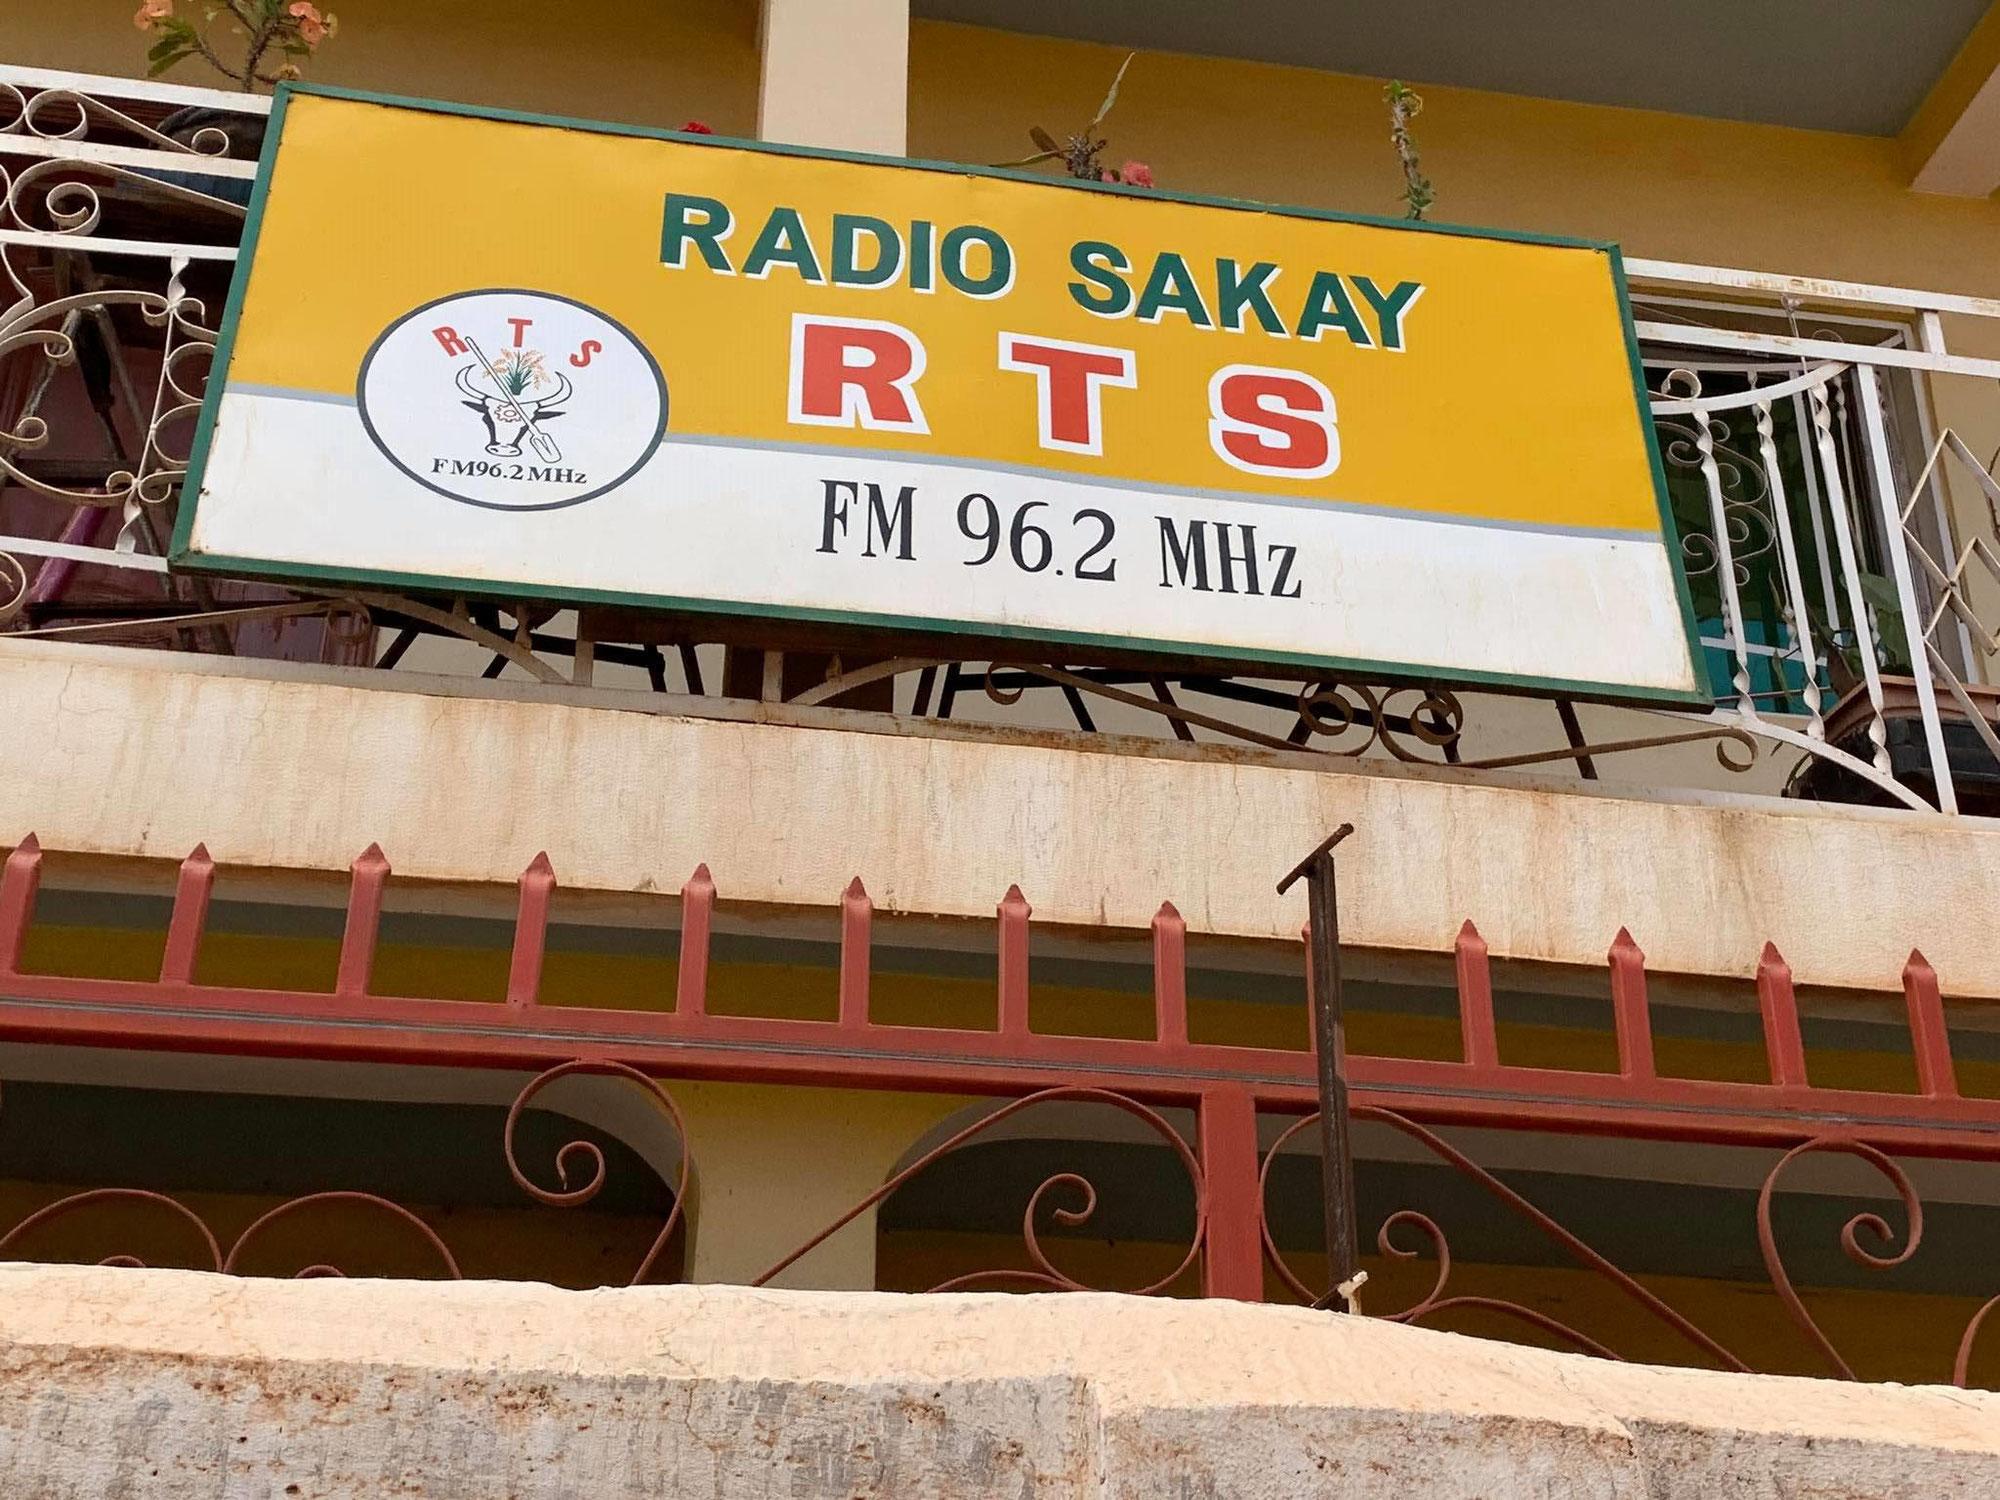 【マダガスカルラジオ】現地スタッフがRADIO SAKAYを訪問